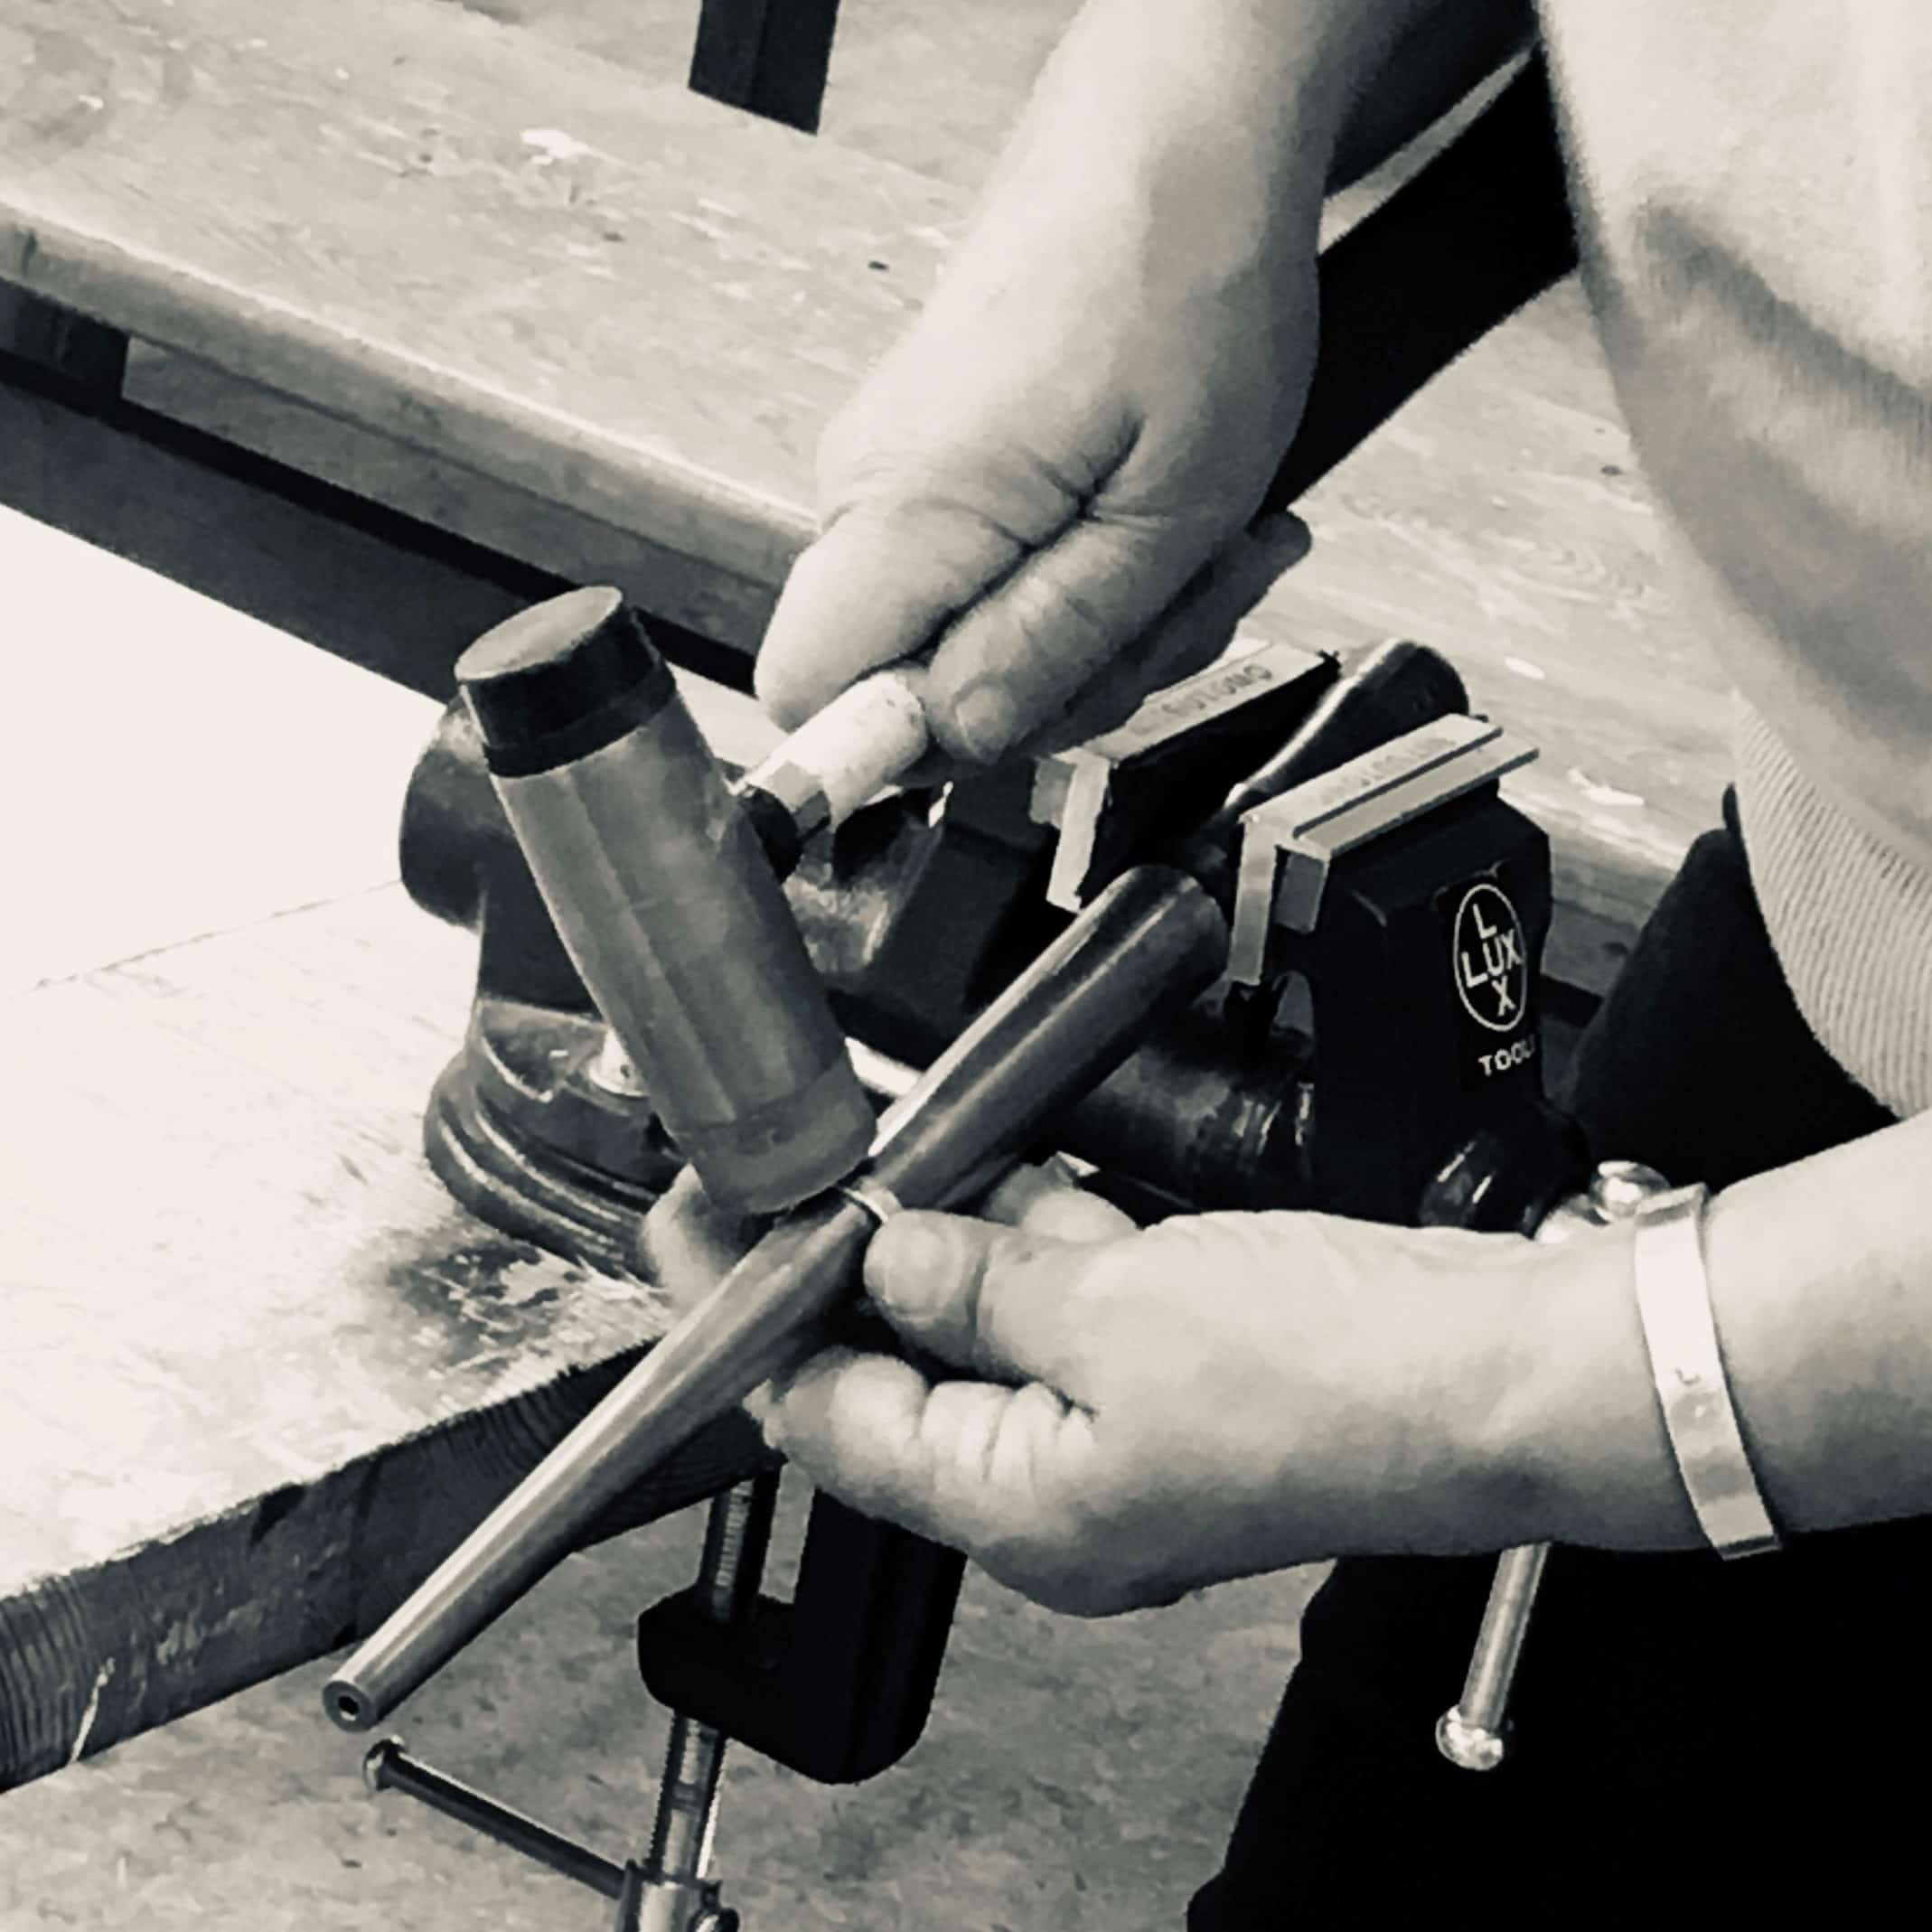 Deltagare under workshop i silversmide hamrar ring i silver på en ringregel